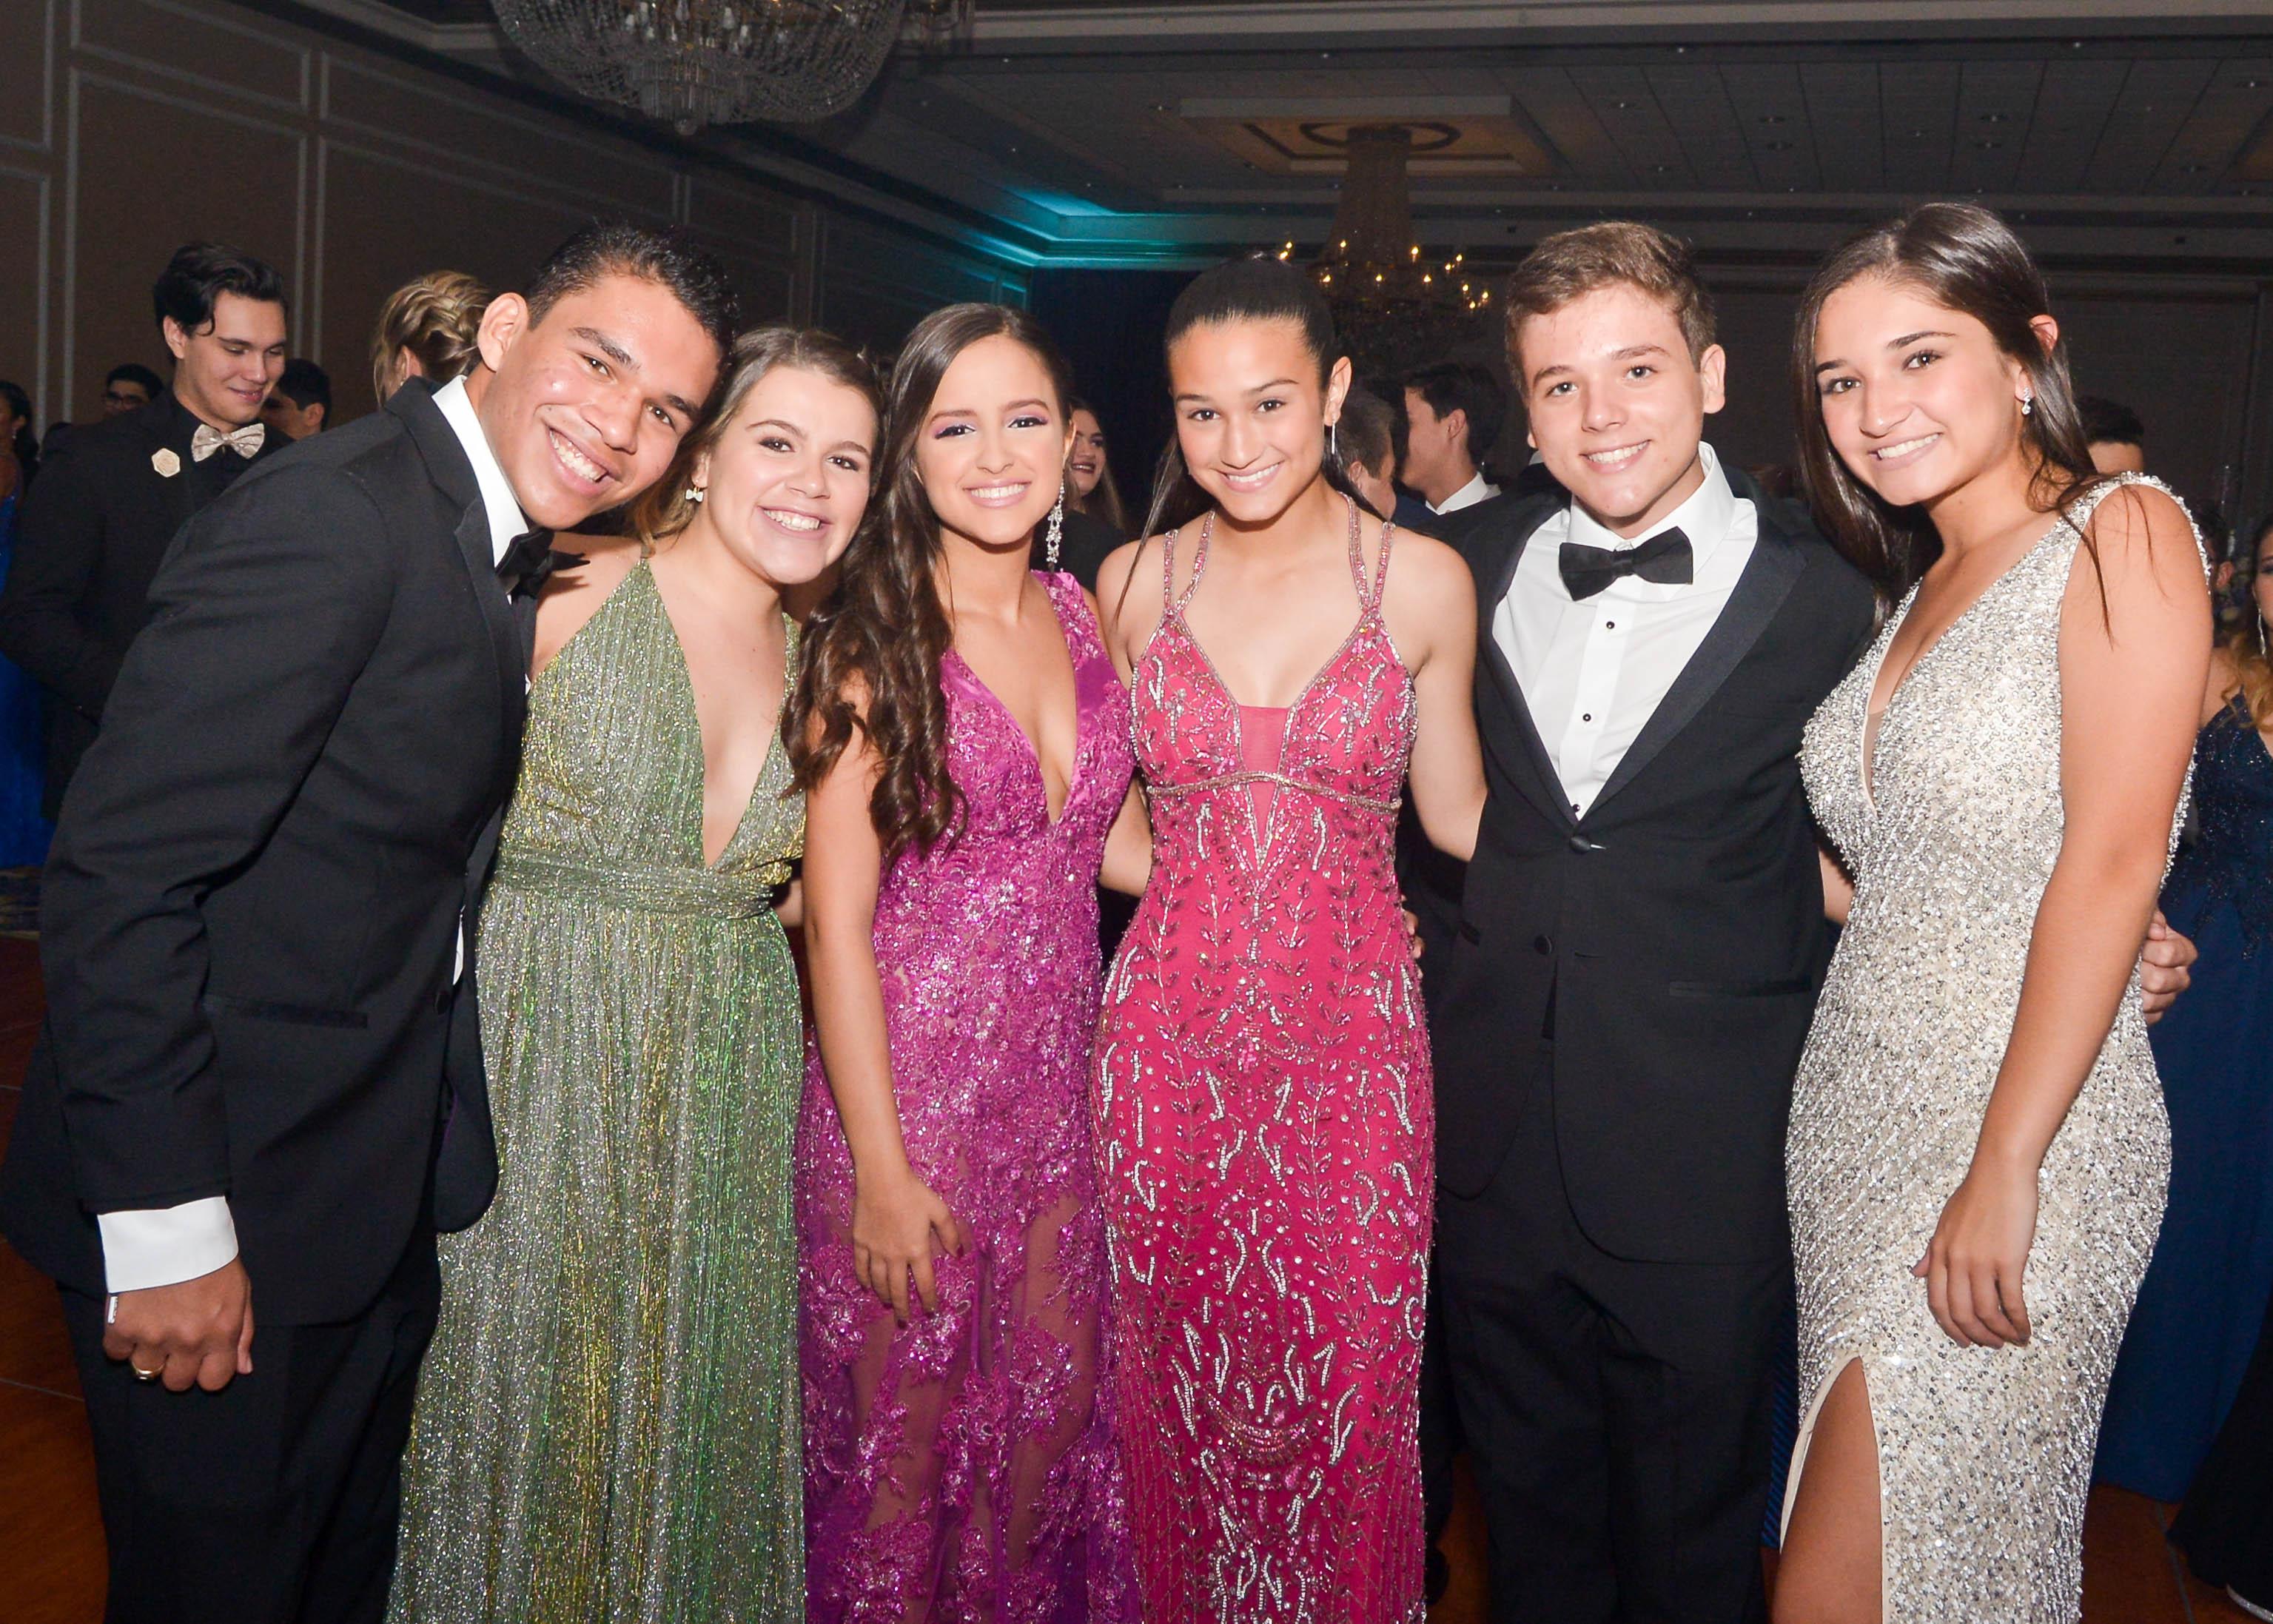 Raúl Mariani, Paula Rodríguez, Laisa Gastaliturris, Andrea Cabrera, Ricardo Mercado y Ariana Cabrera. Foto Enid M. Salgado Mercado.